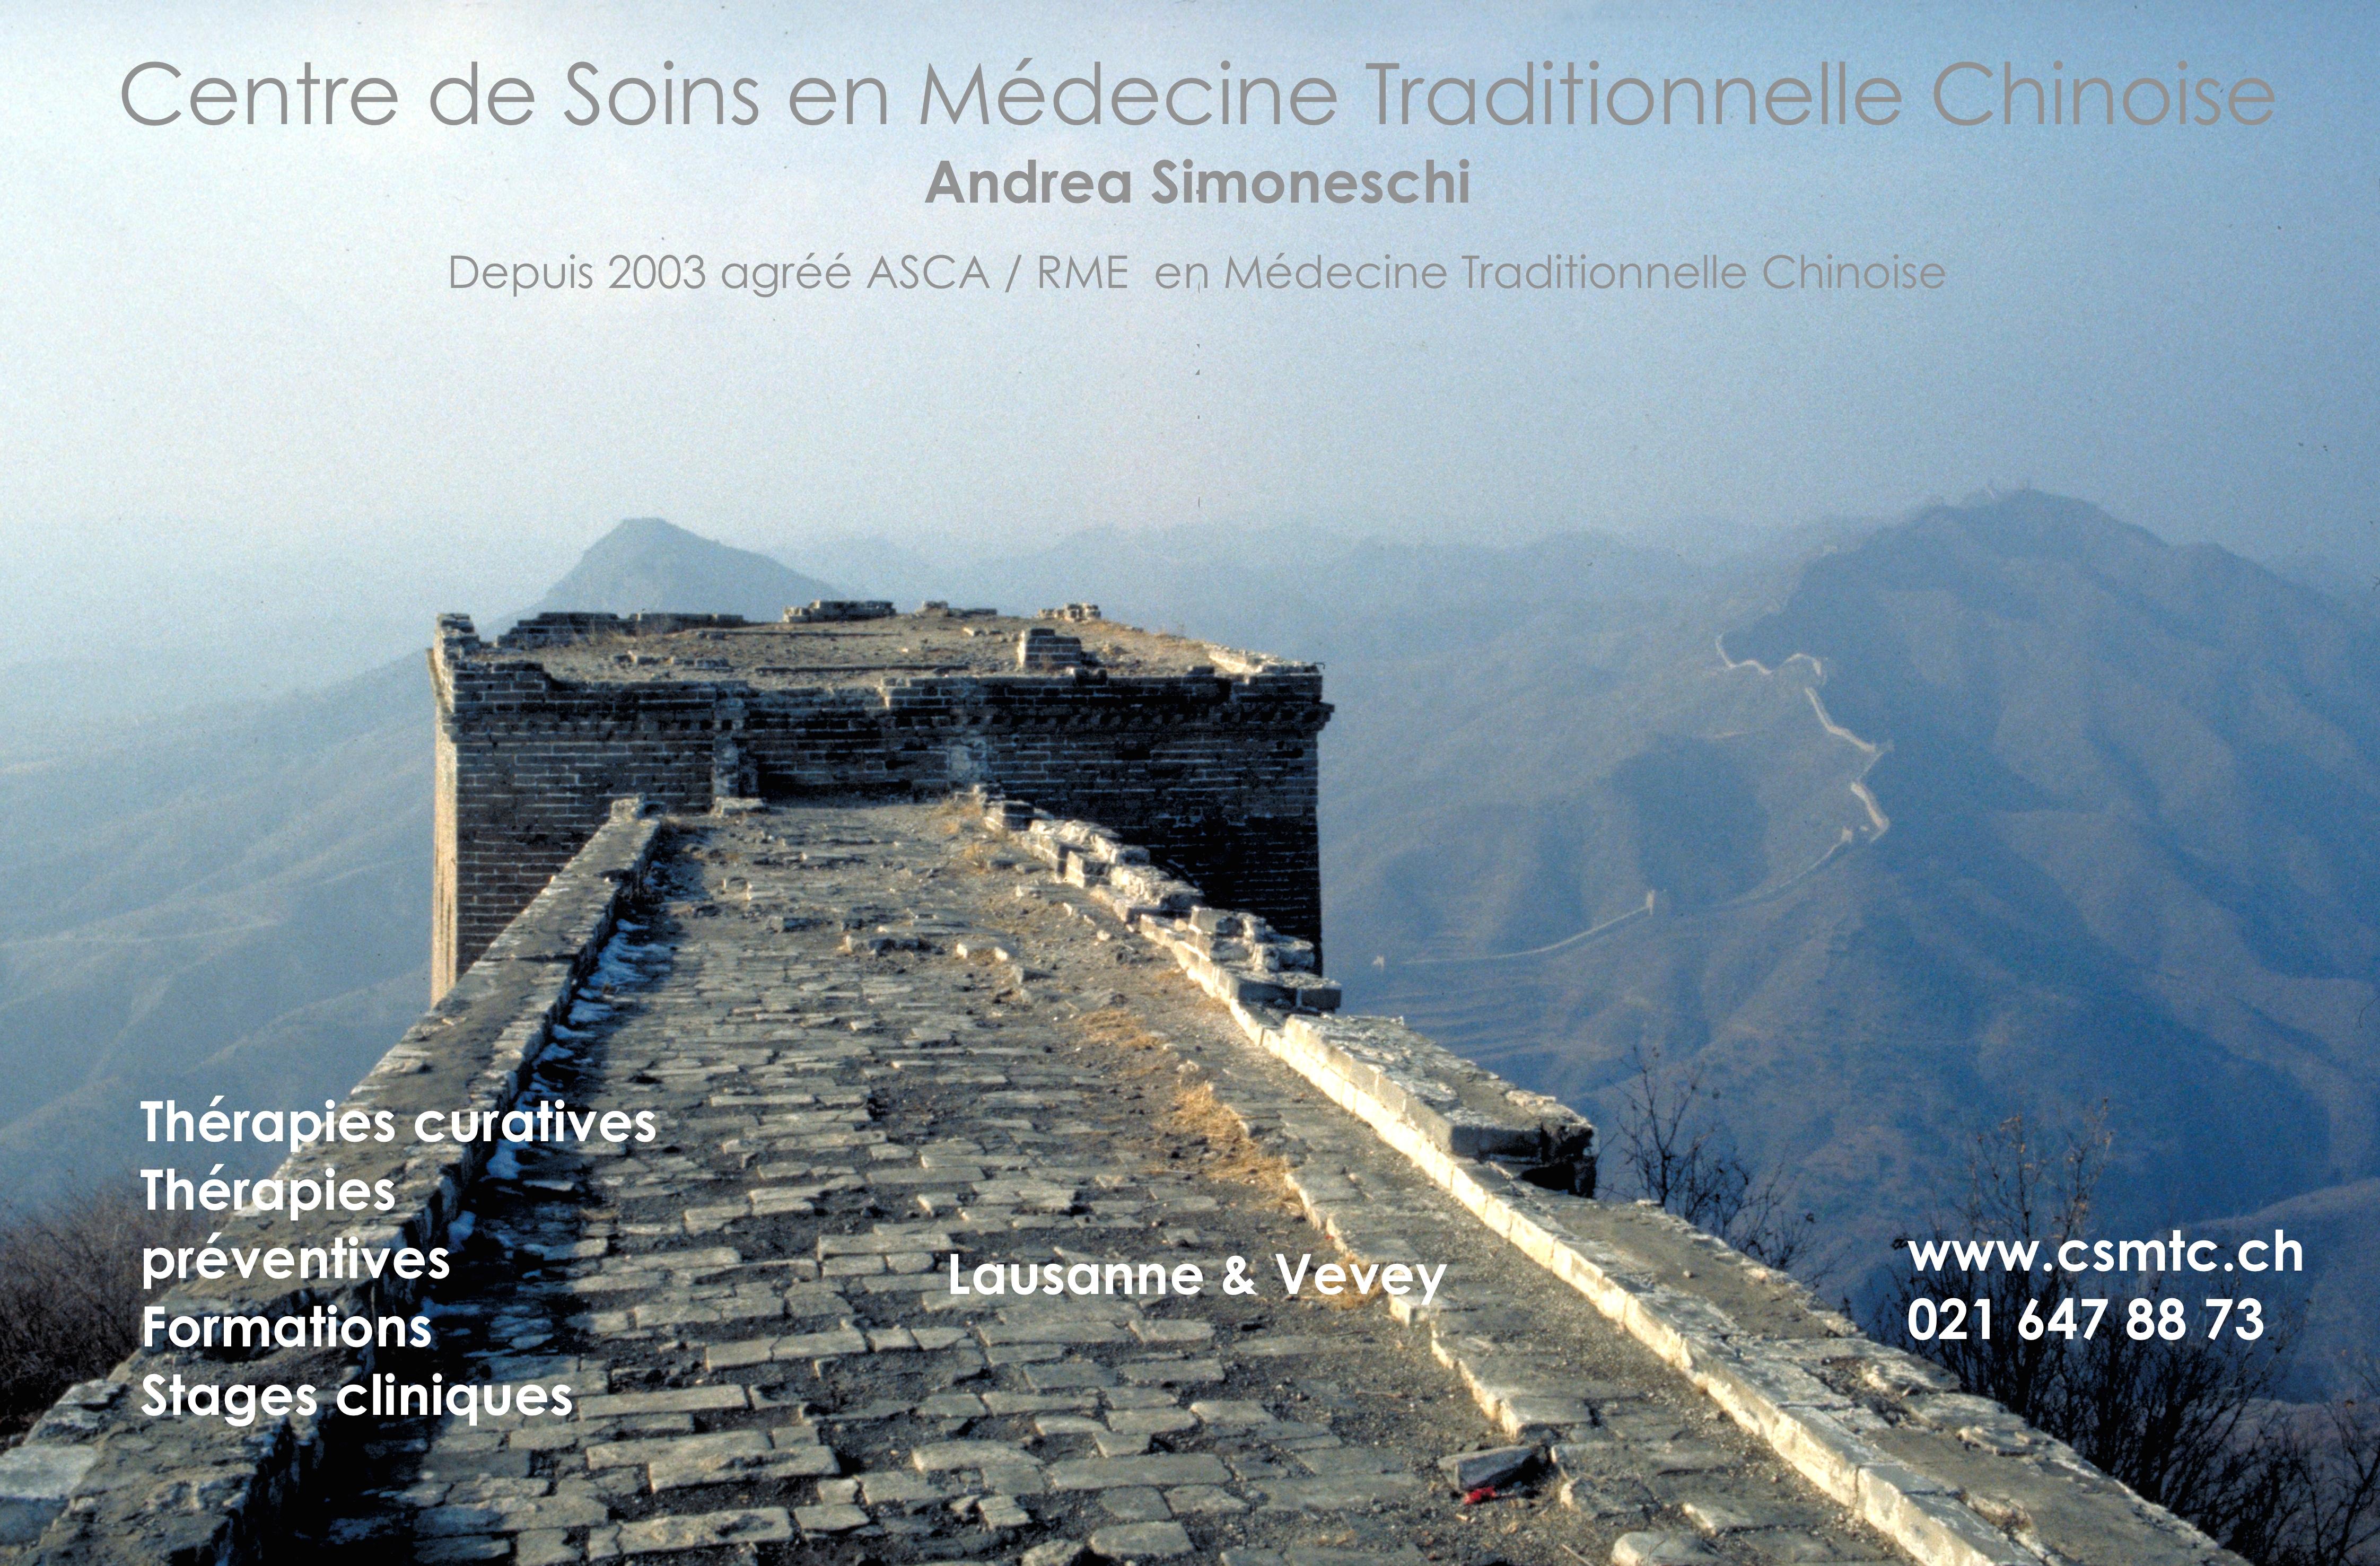 Centre de Soins en Médecine Traditionnelle Chinoise